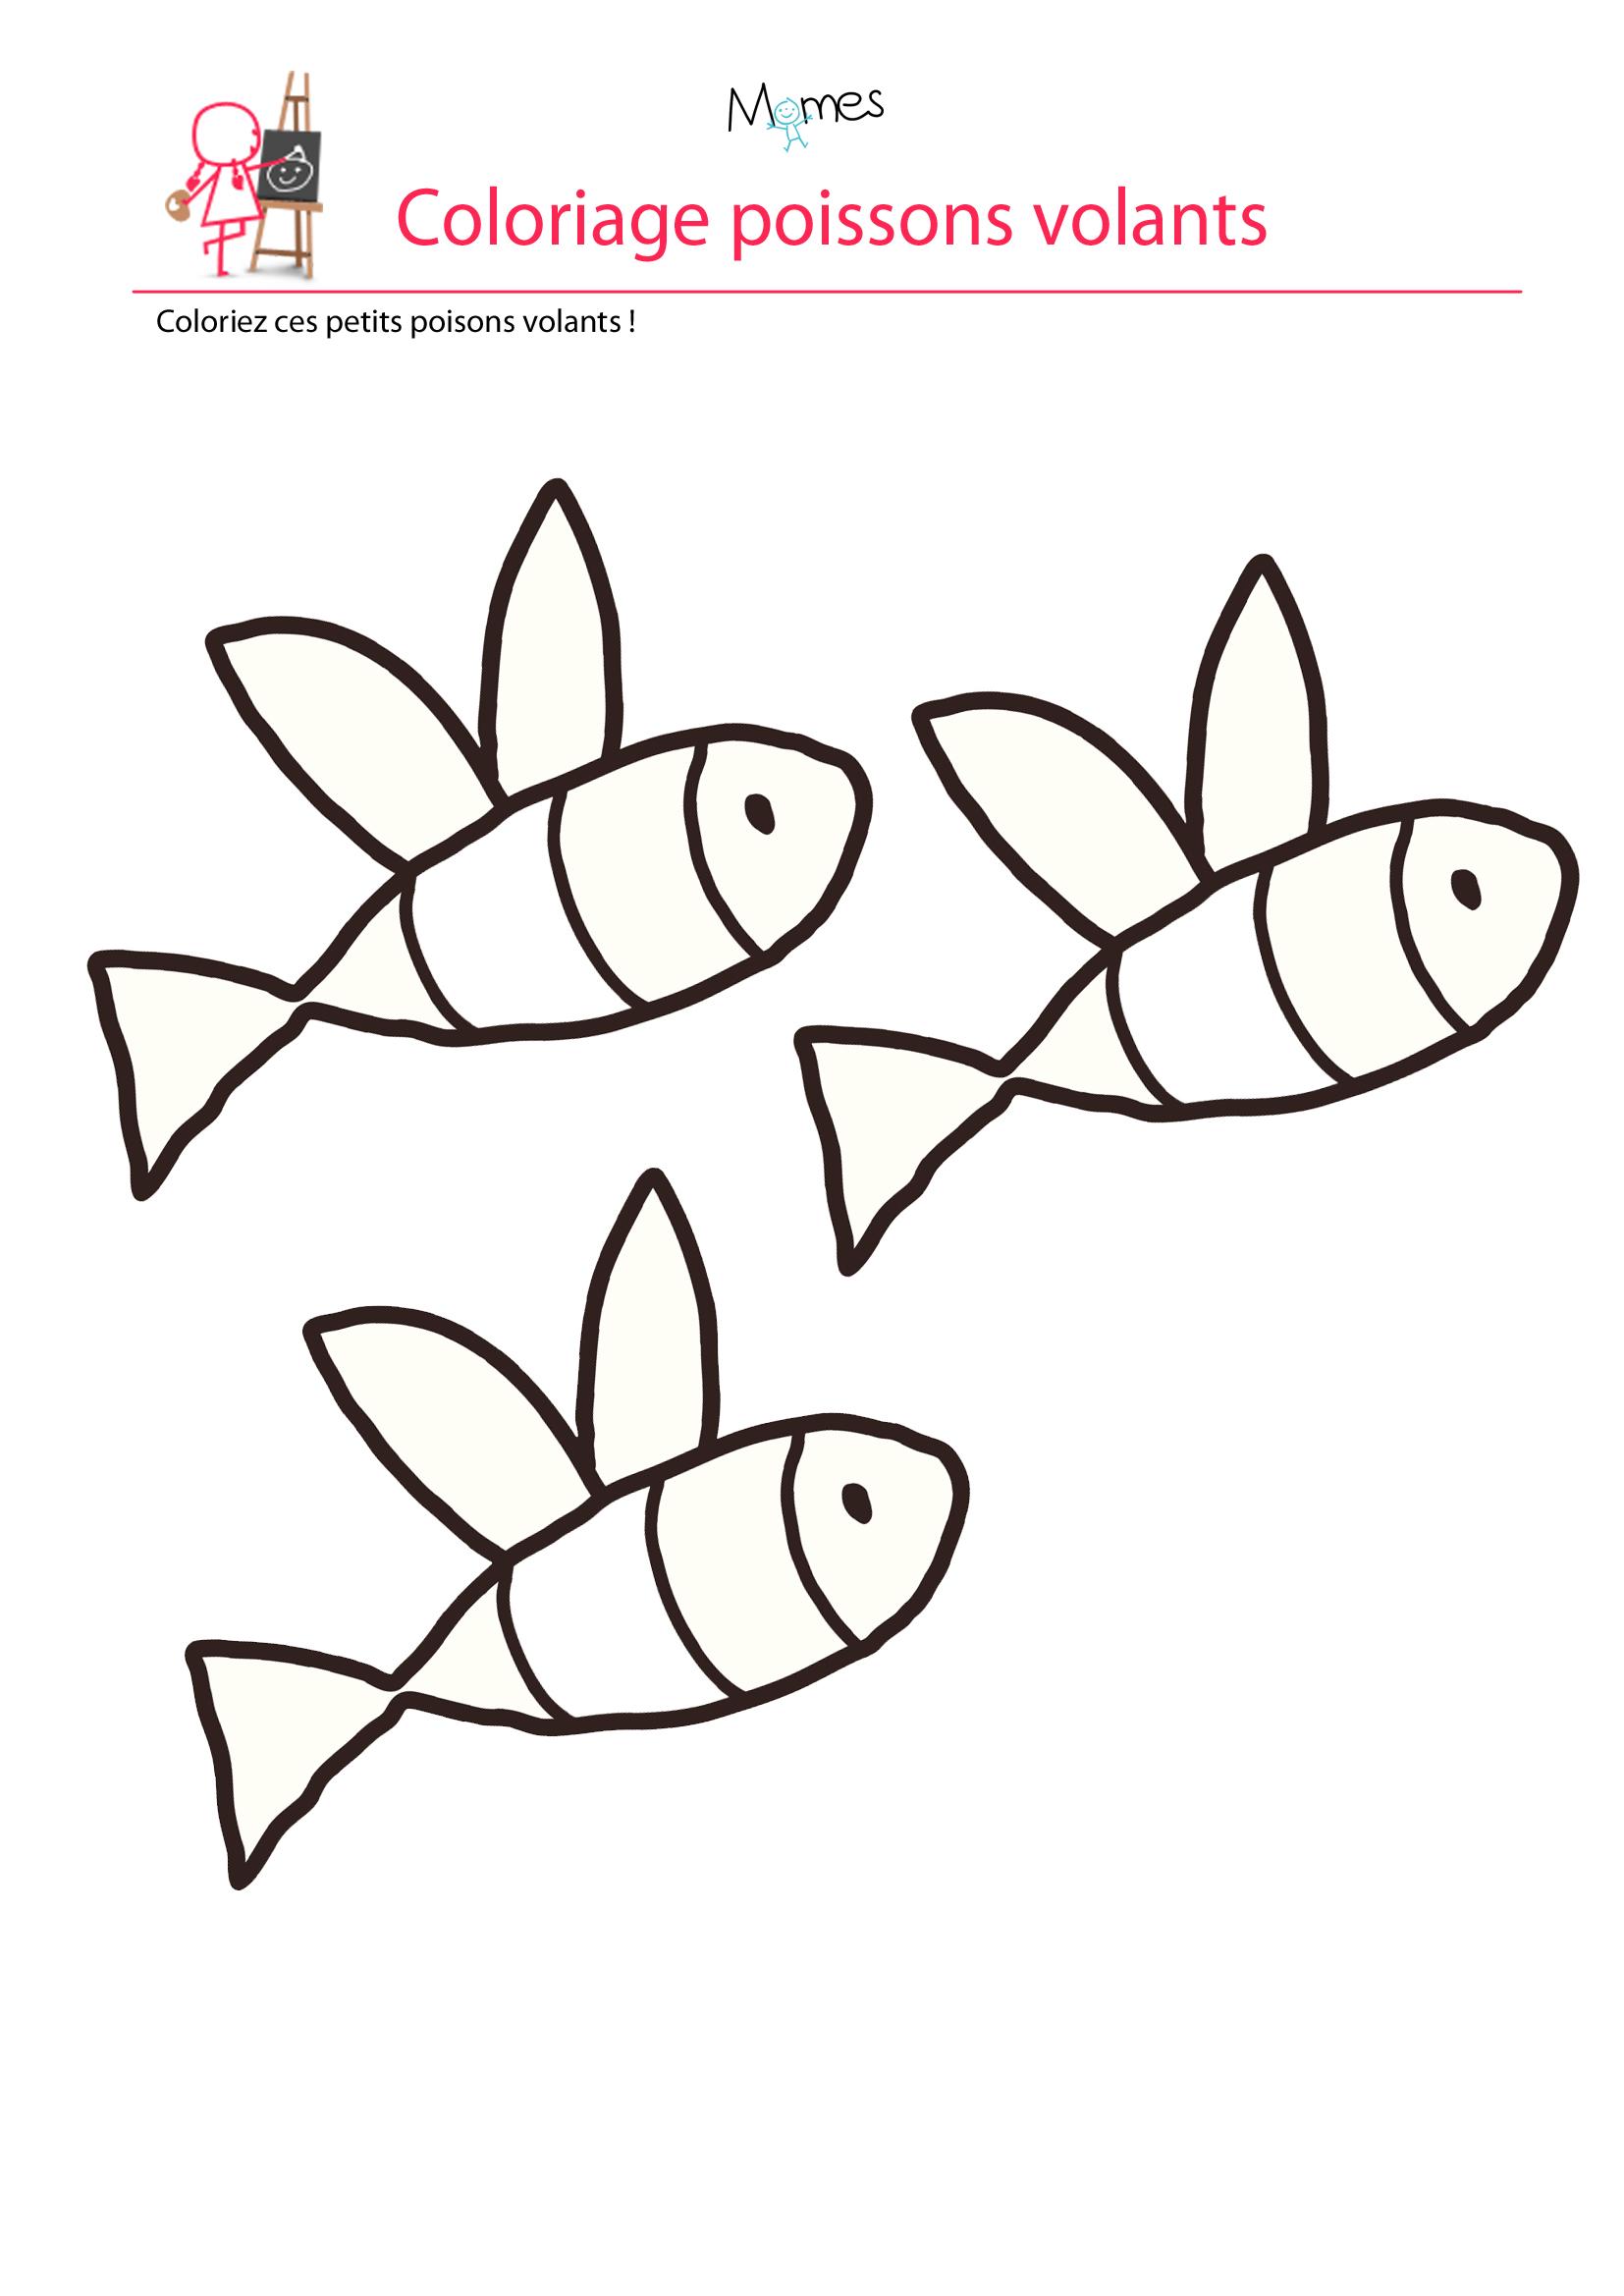 Coloriage poisson d'avril : les poissons volants